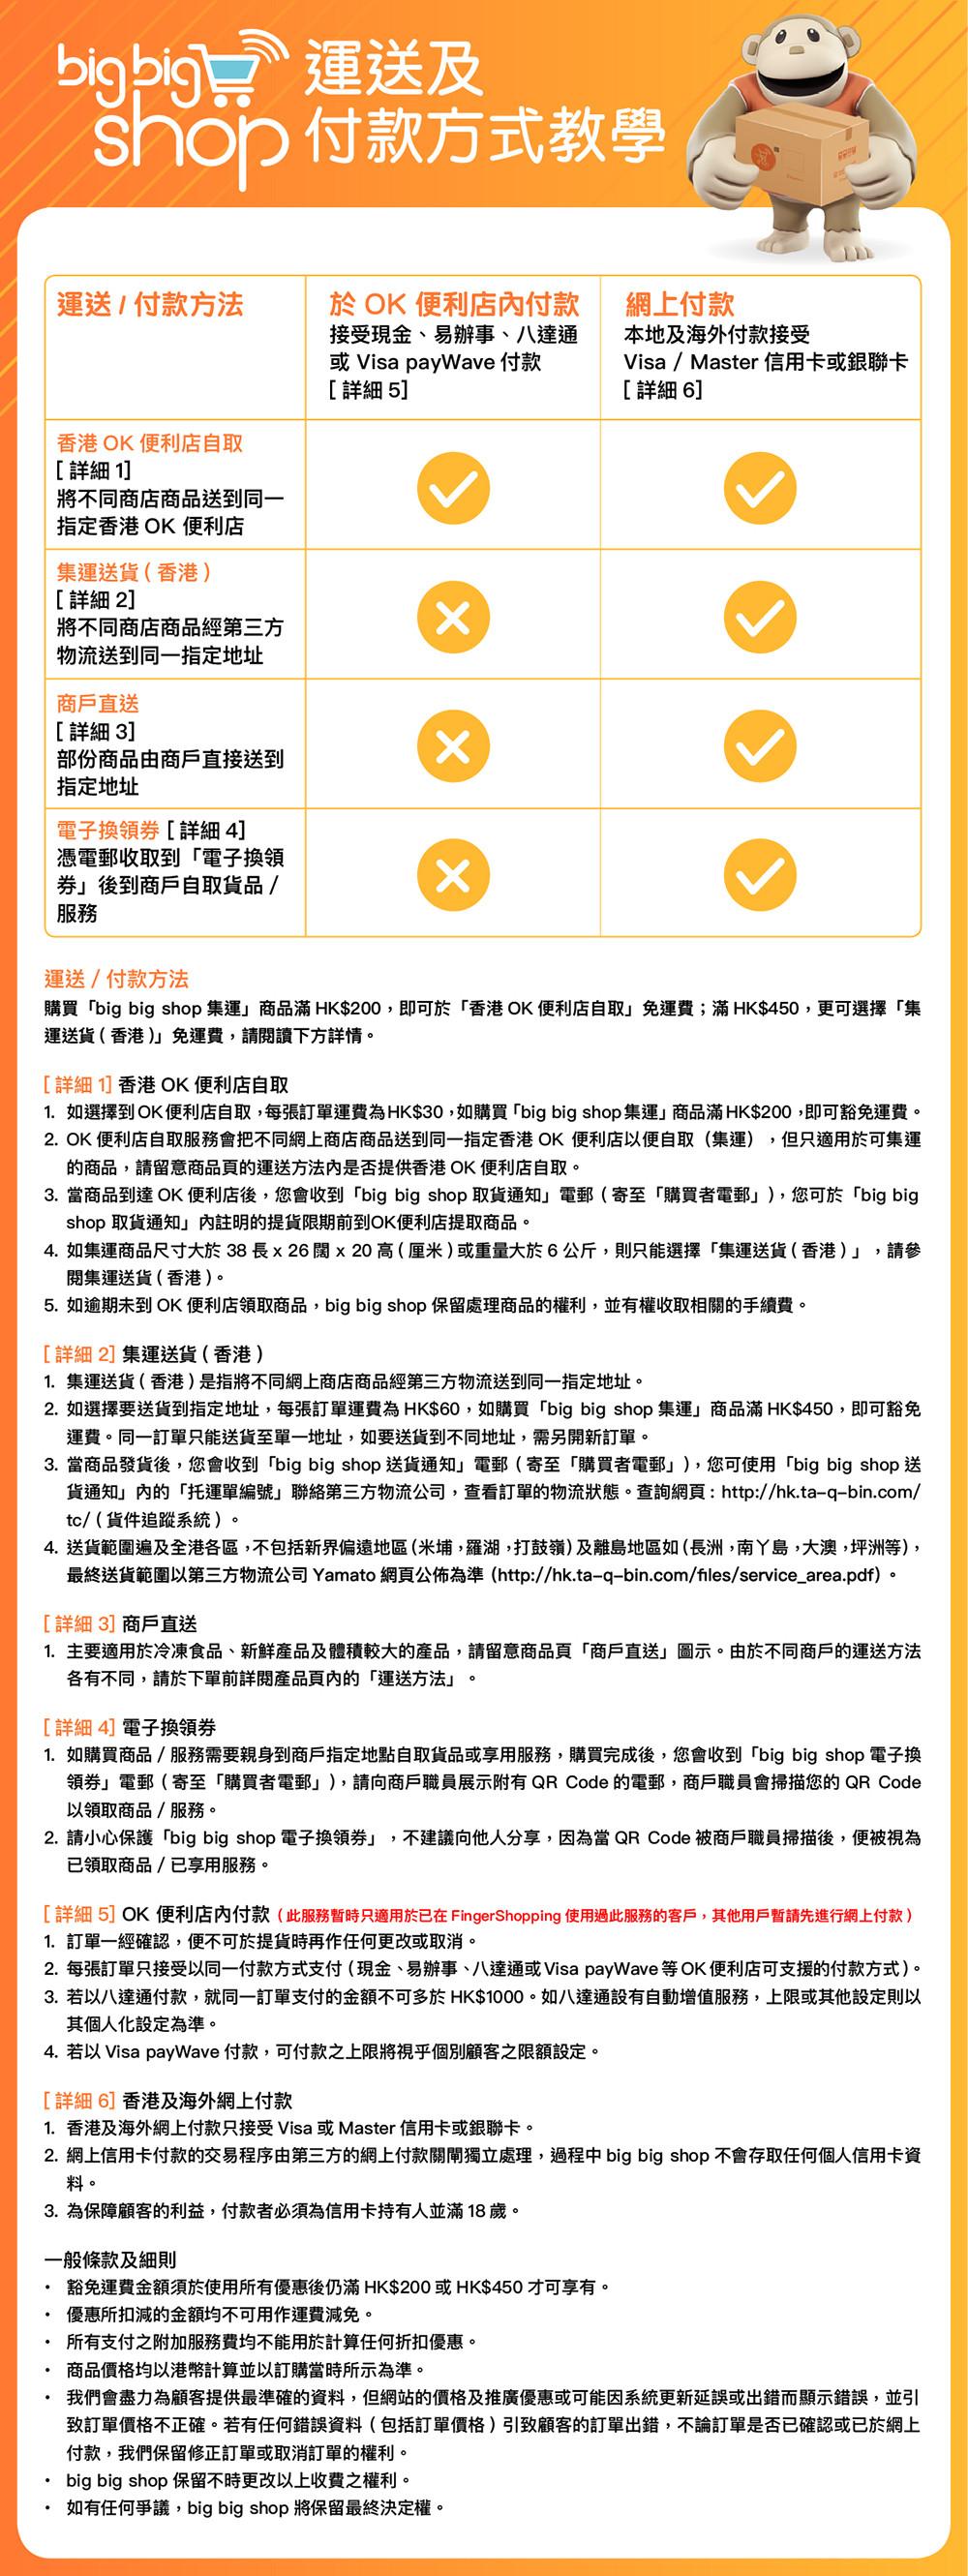 BBS_運送及付款方式教學03.jpg